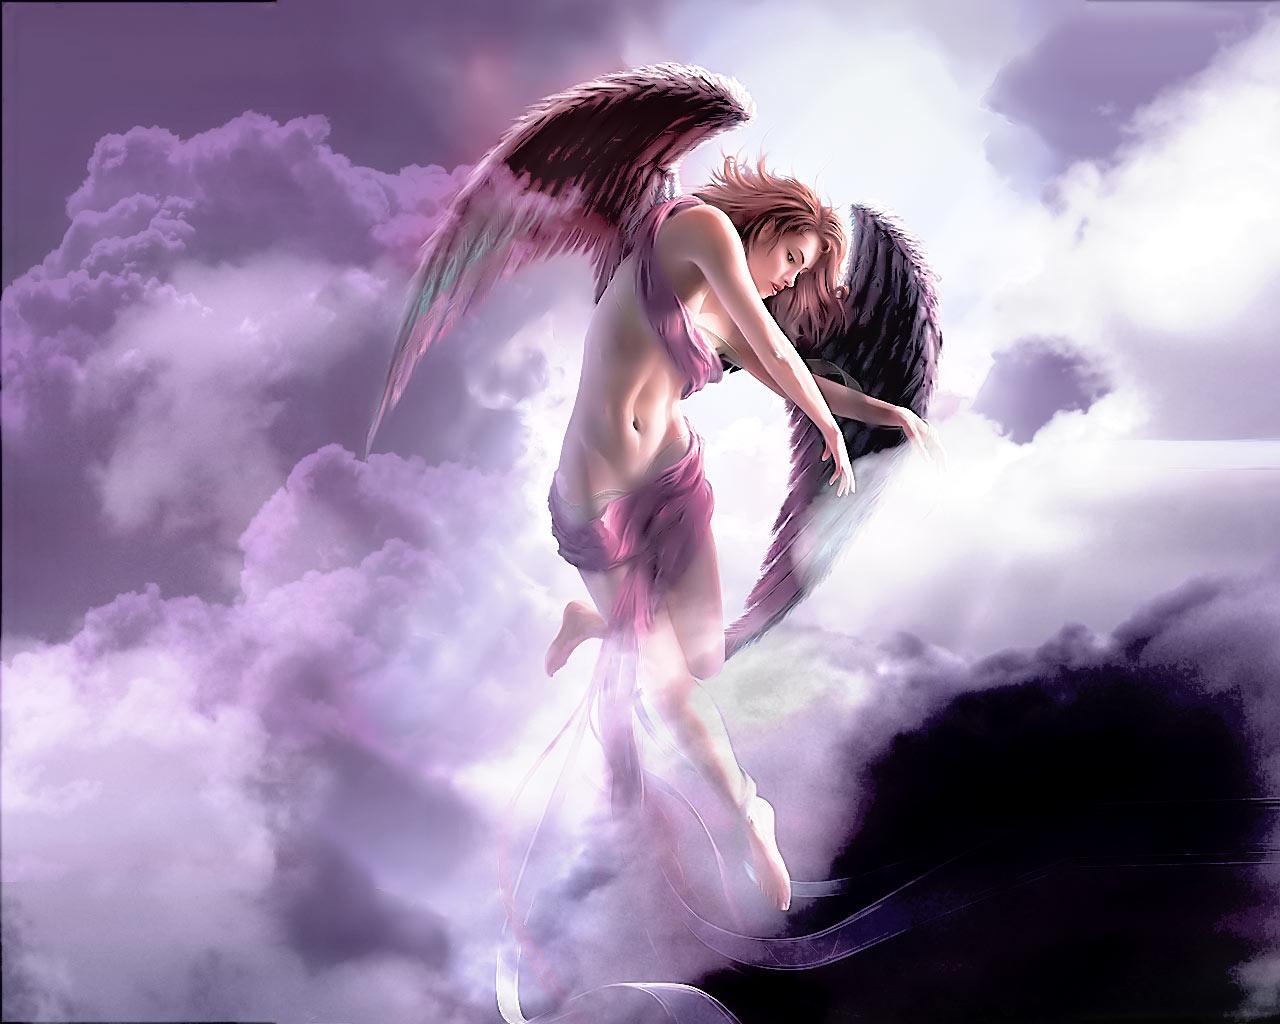 http://4.bp.blogspot.com/-7HXT6qgVmNY/Ts8VOidA3aI/AAAAAAAACuw/MBvBGYWkGN0/s1600/angel_wallpaper.PNG